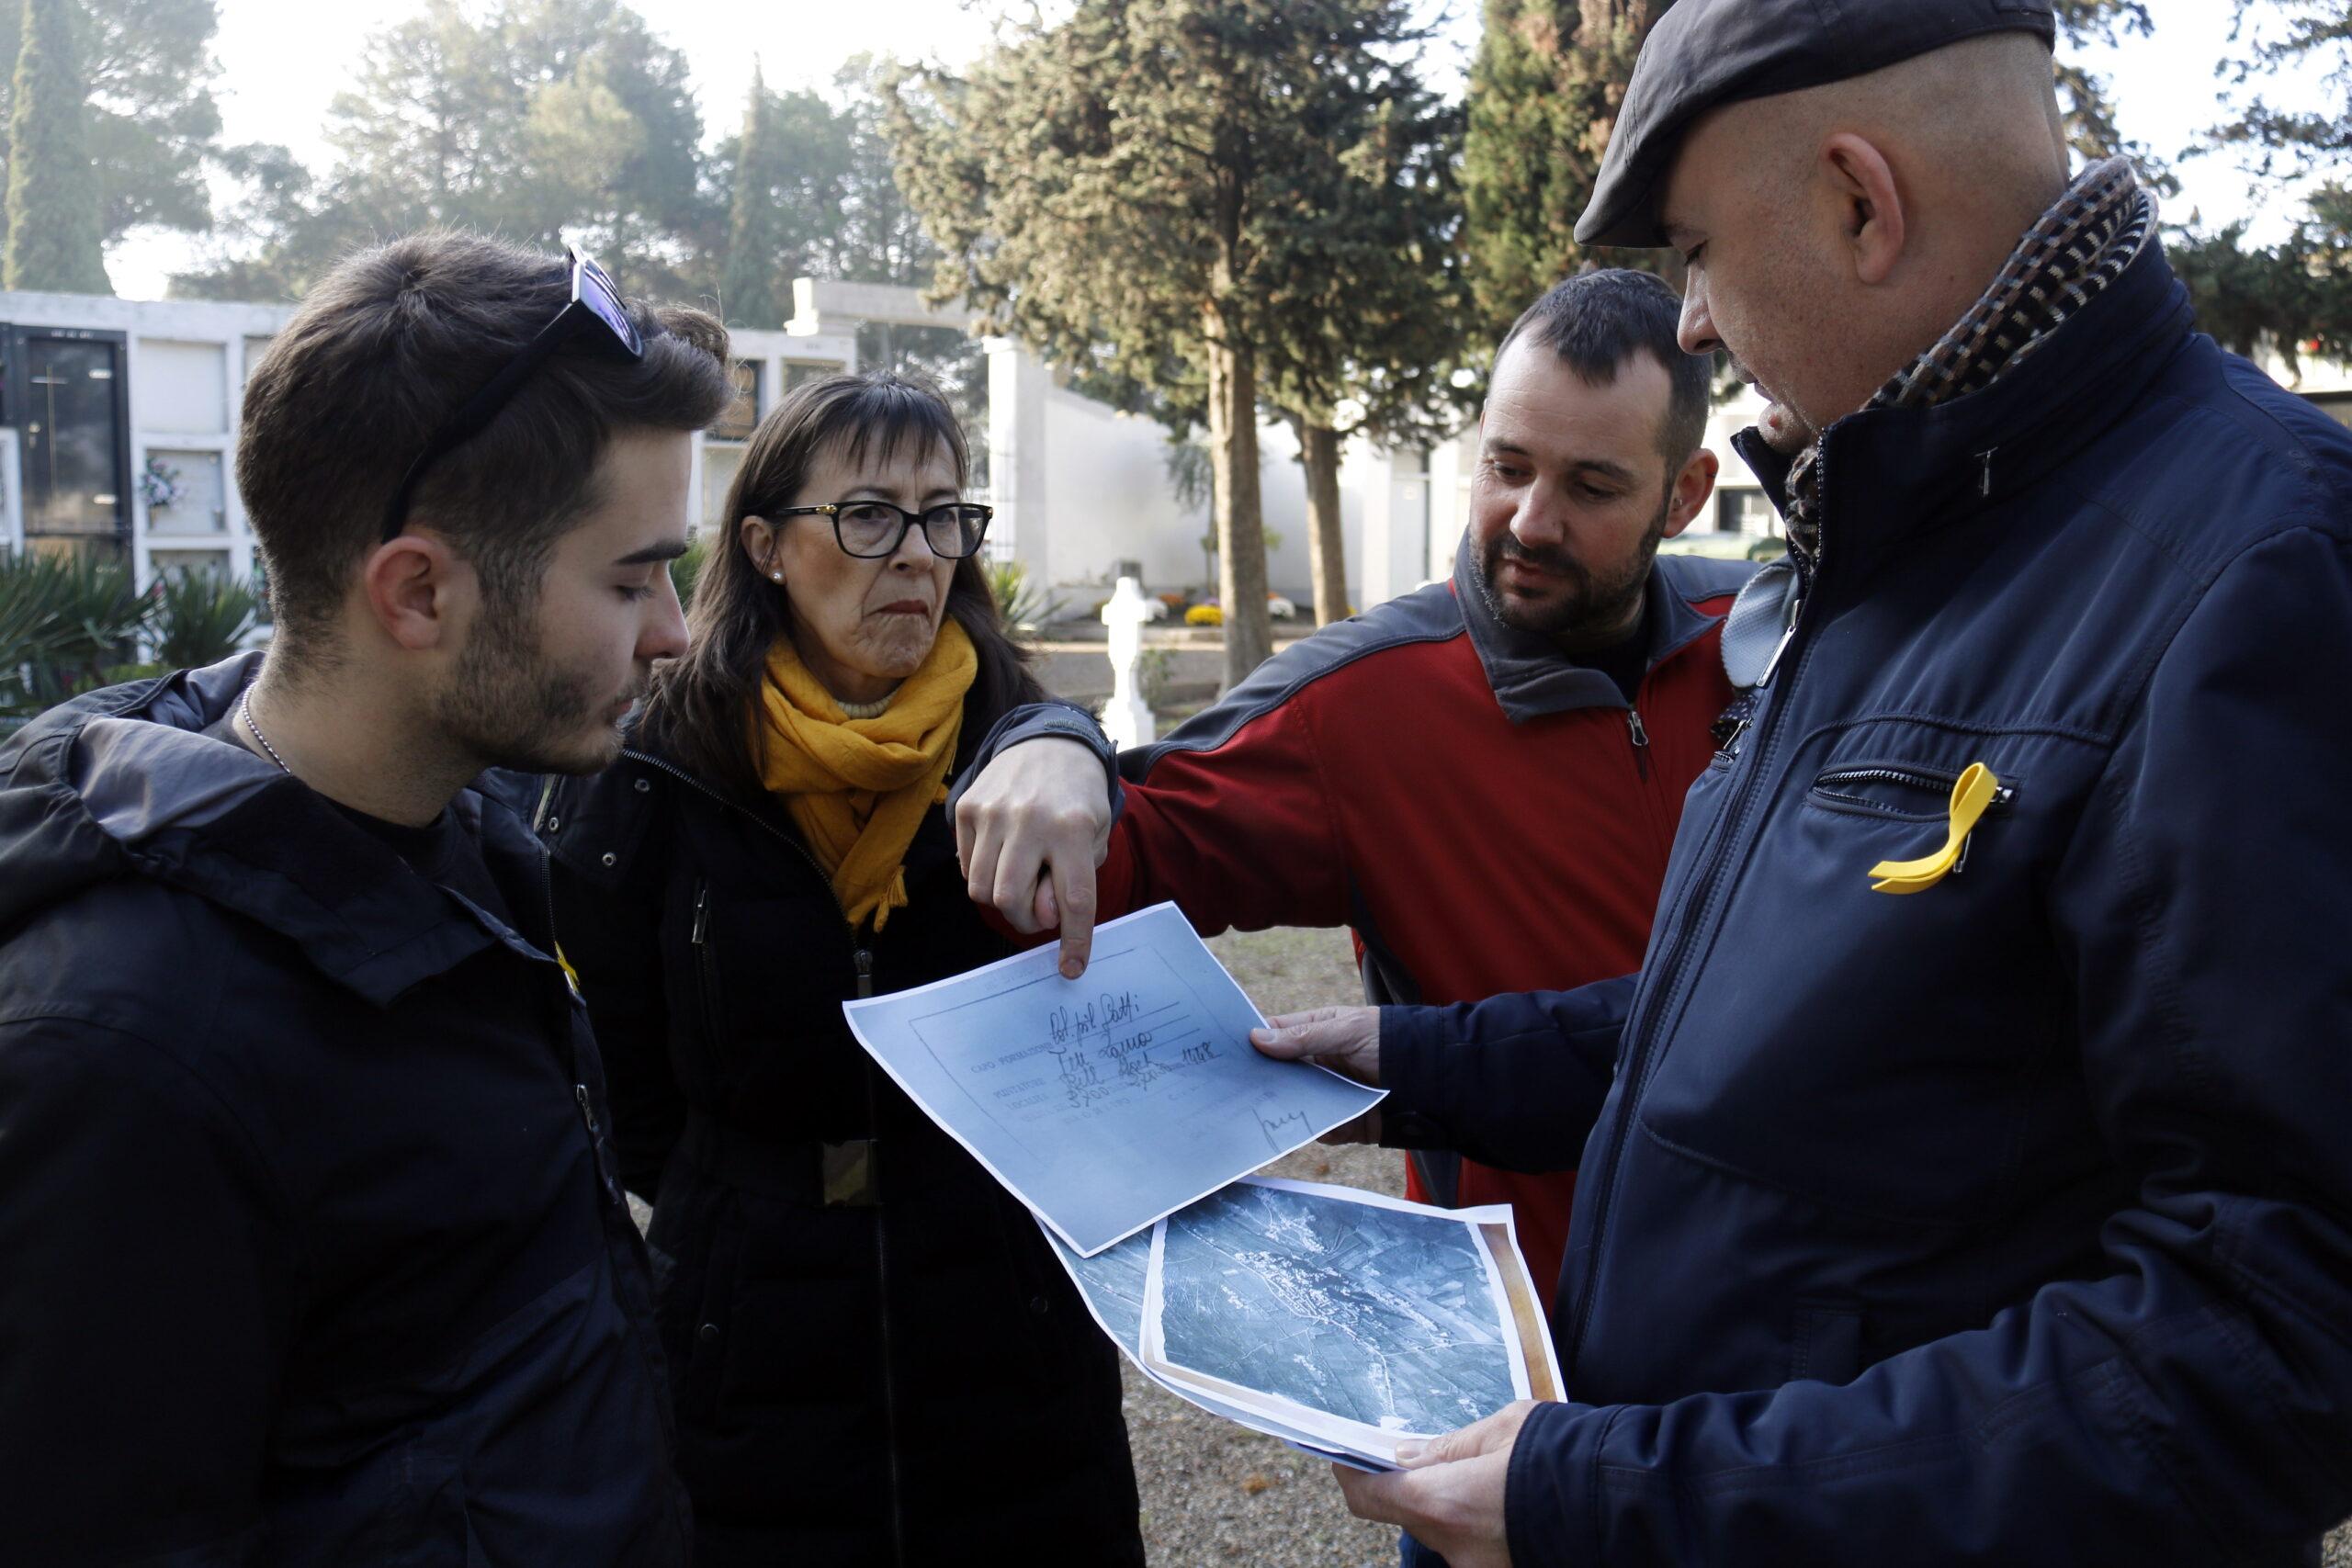 Pla mitjà on es pot veure l'alcalde de Bell-lloc i altres regidors mirant documentació sobre els bombardejos de la guerra al cementiri del municipi, on hi hauria una fossa de soldats, el 3 de desembre de 2018. (Horitzontal)